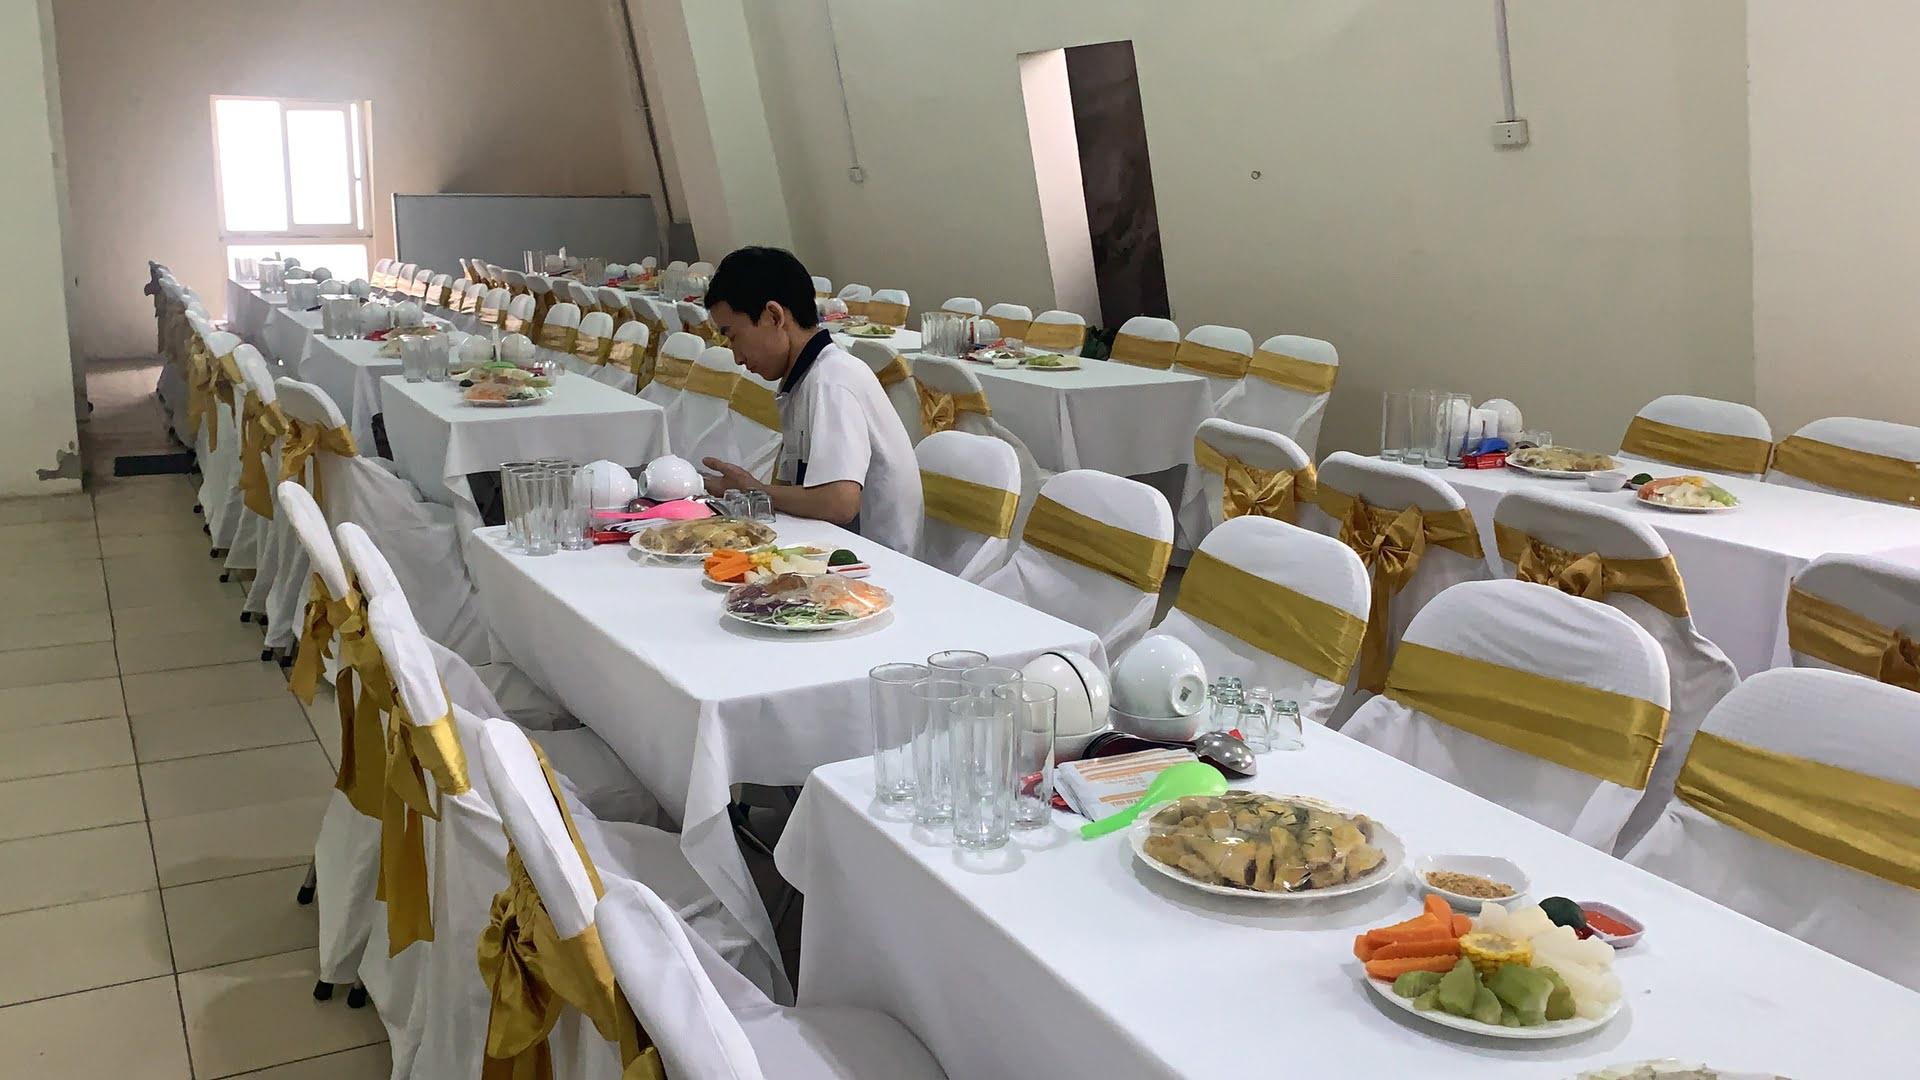 Đặt 25 mâm cỗ tiệc liên hoan công ty chị Hiền ở Cầu Giấy